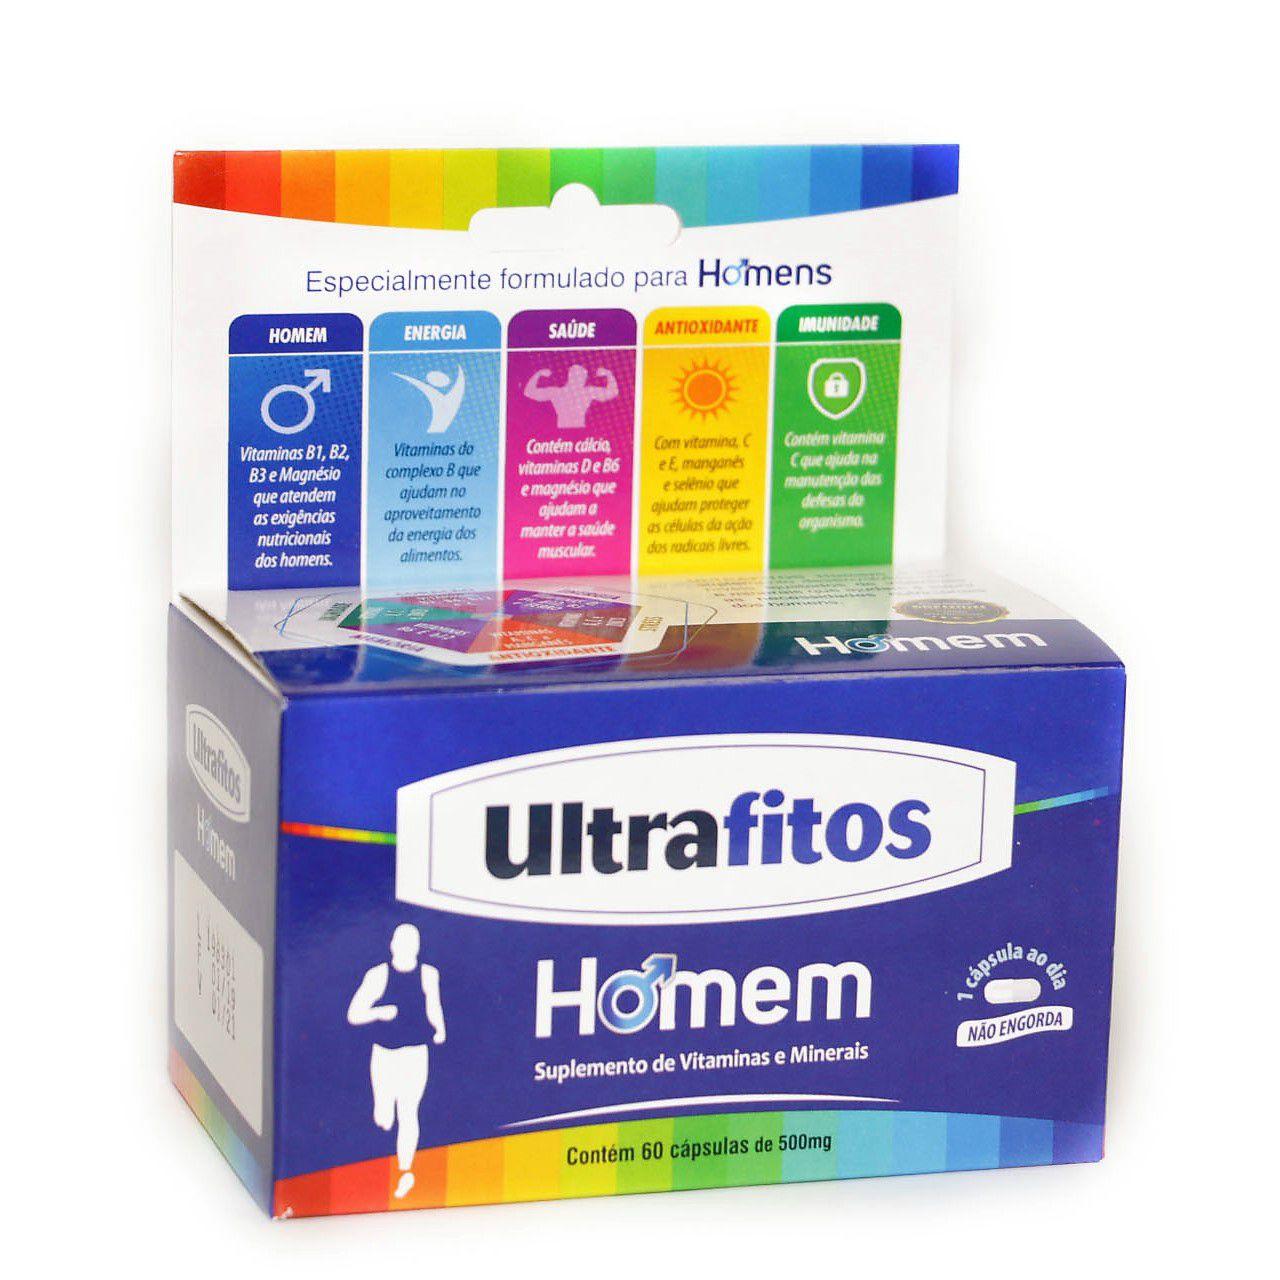 Ultrafitos Homem 500mg (Polivitamínico) - 60 cápsulas - Ultrafitos